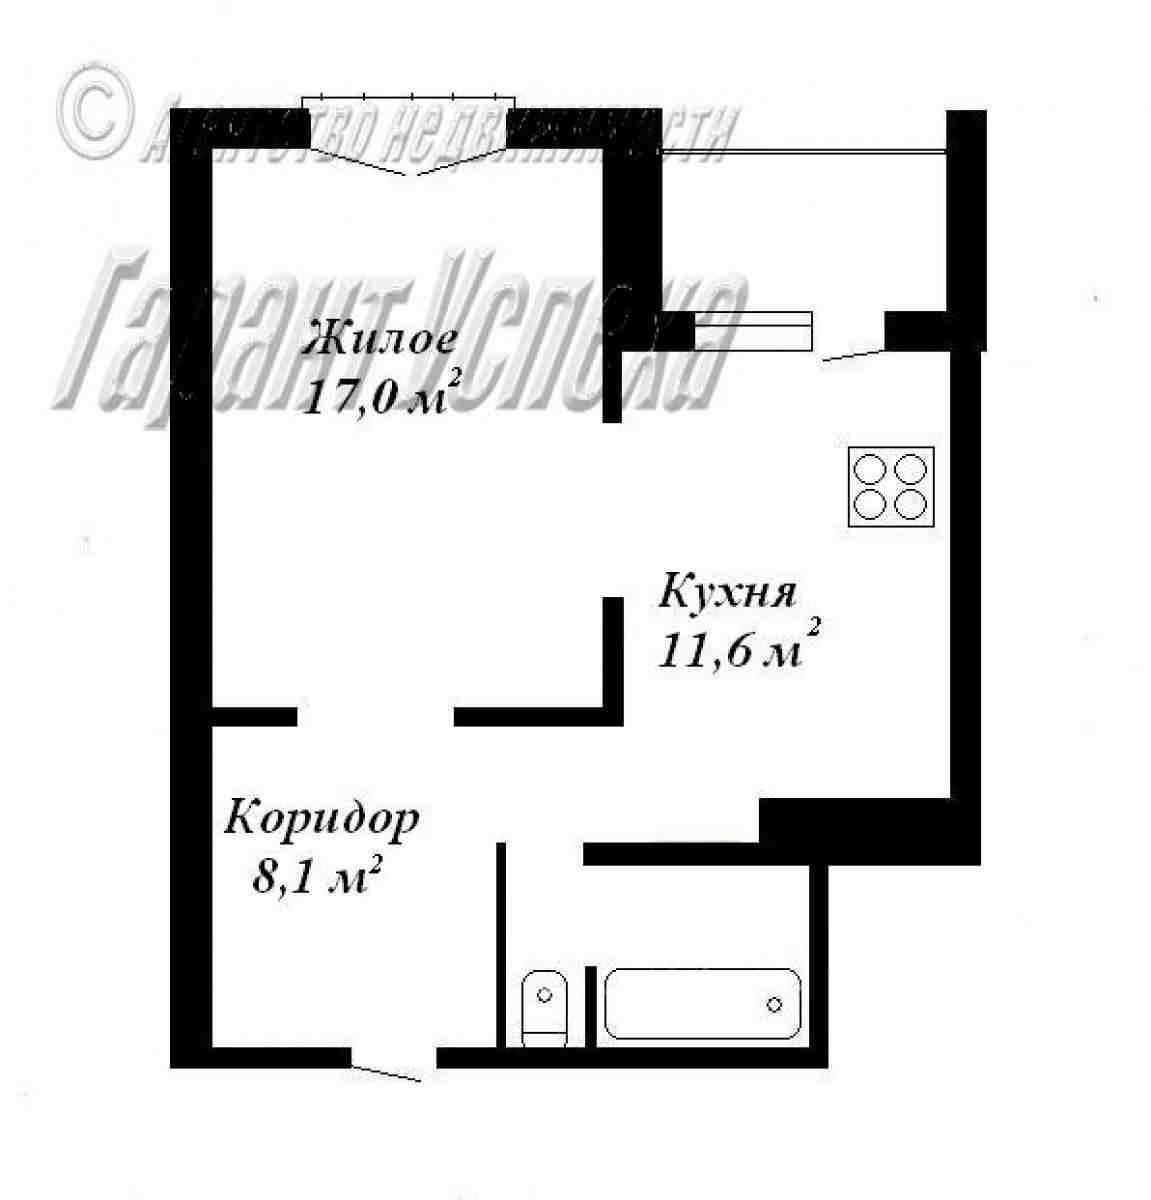 1-к квартира на Ковалево, ул. Суворова 10/10 этажного панельного дома 2007 года постройки. Фото